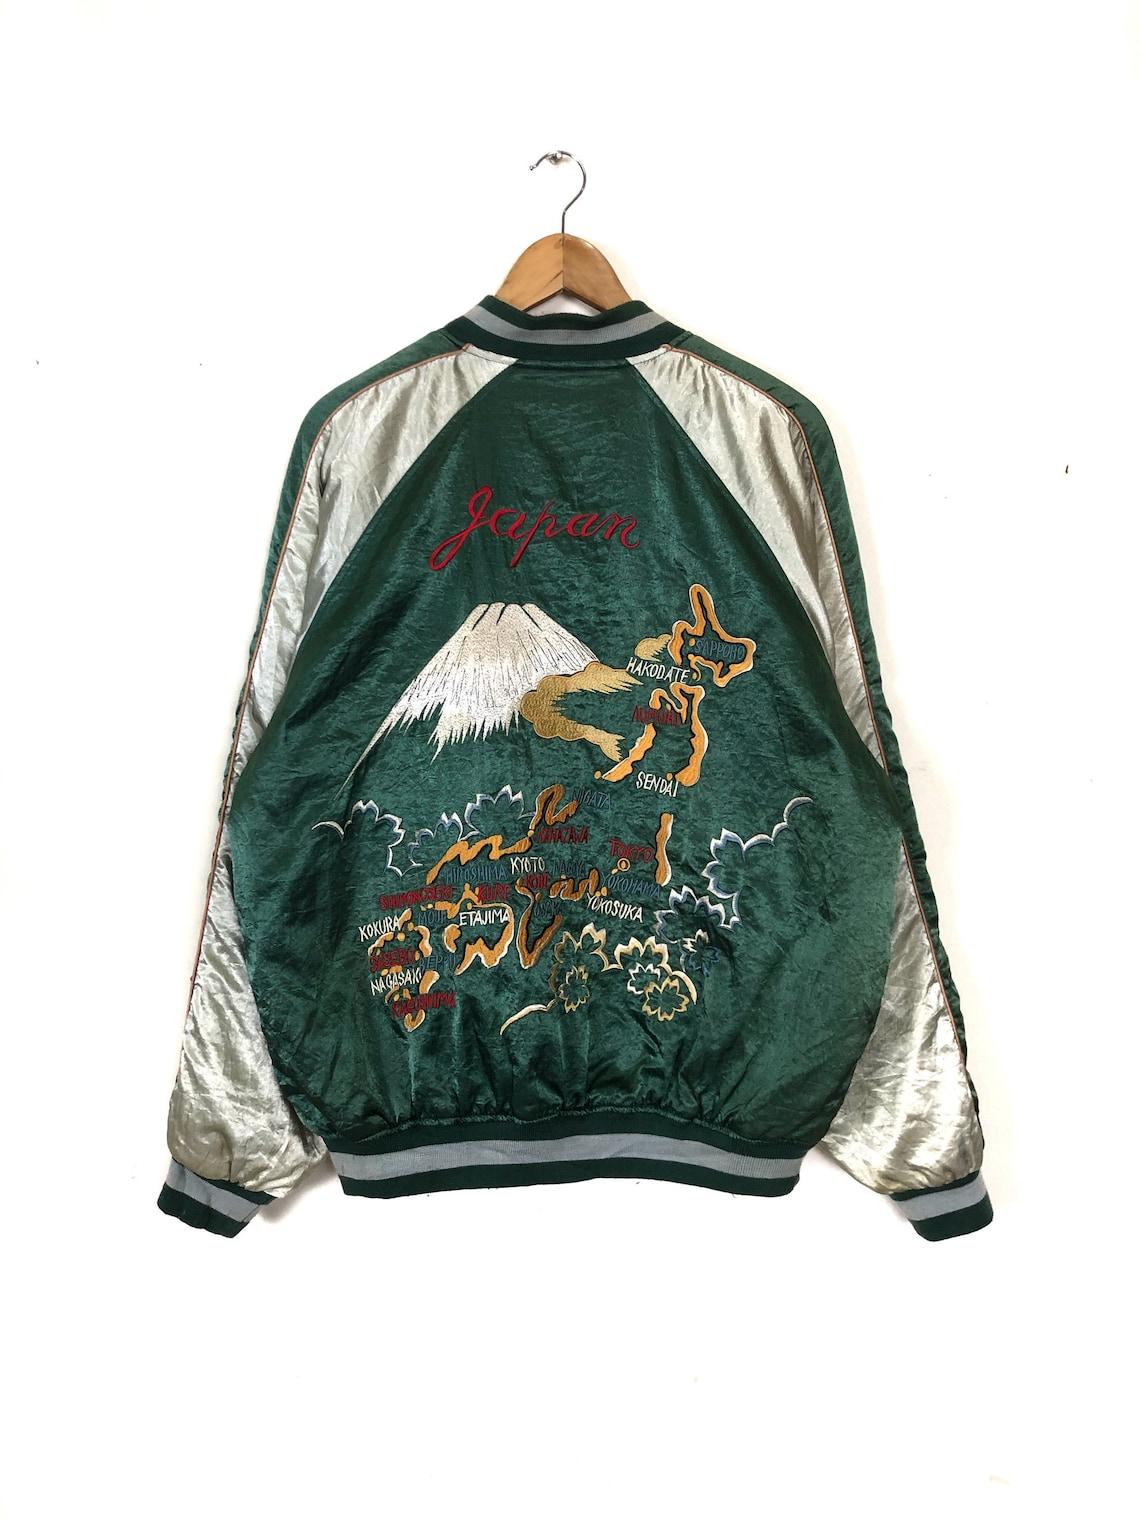 Vintage Yokosuka Sukajan Jacket